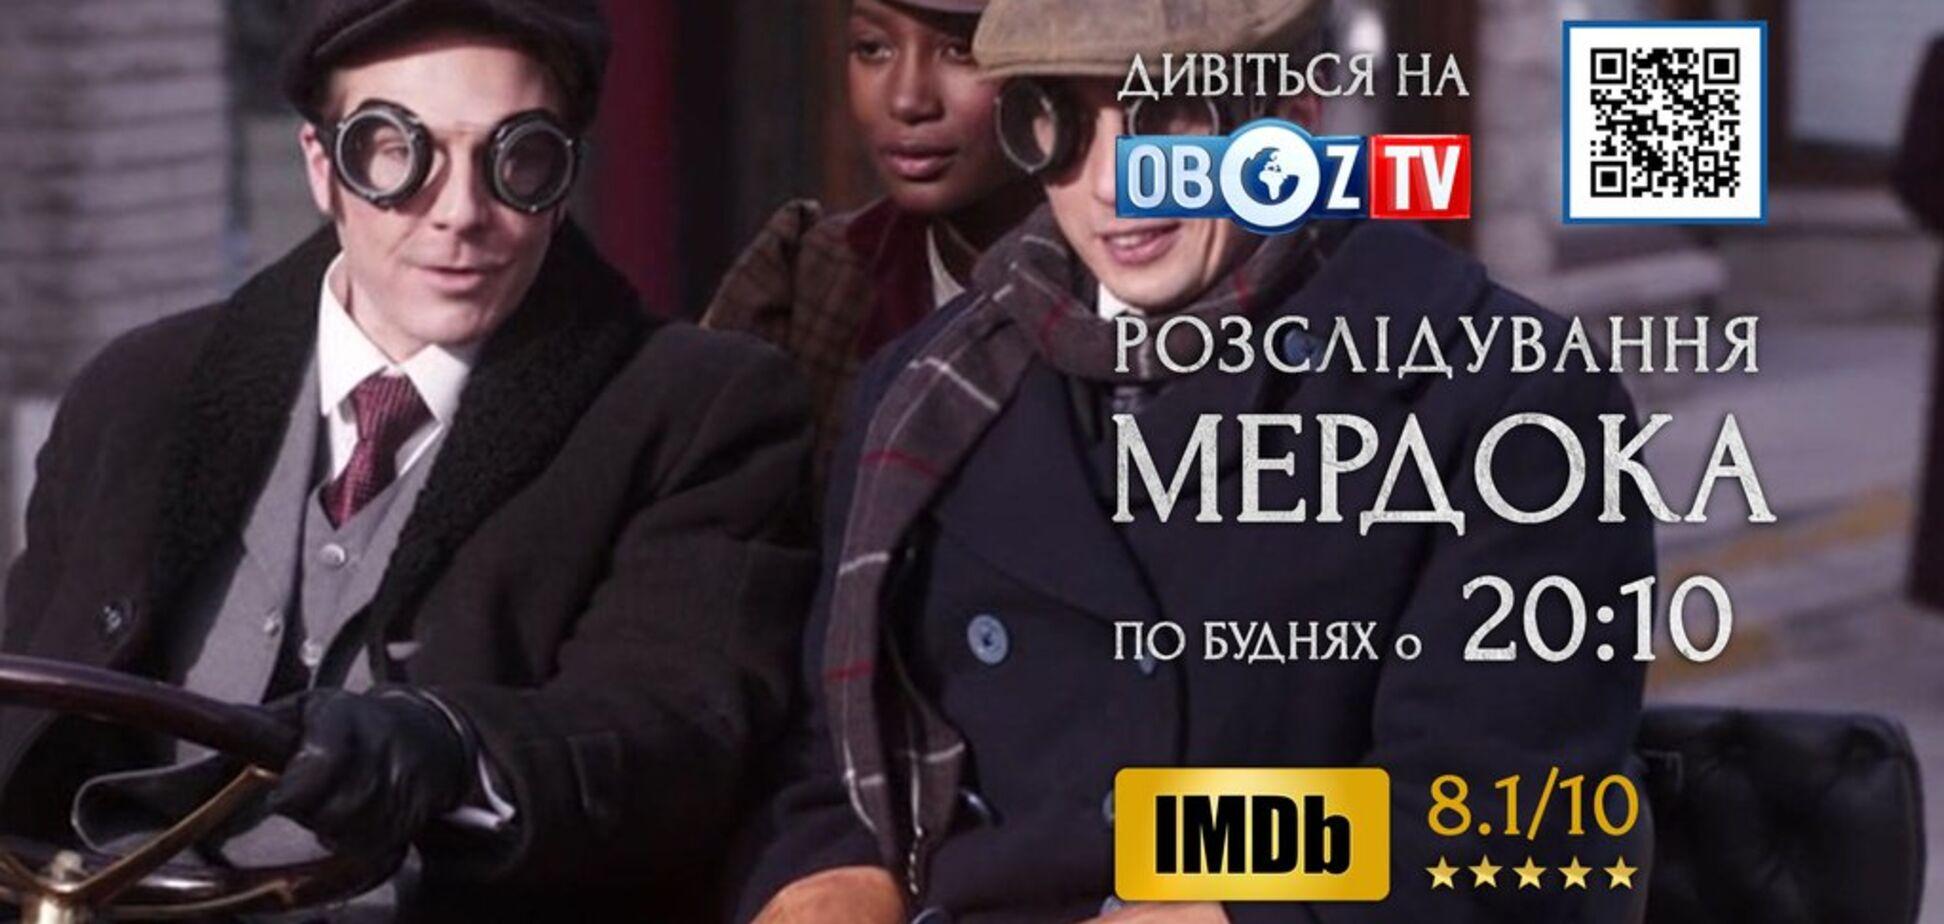 Дивіться на ObozTV серіал 'Розслідування Мердока' – серія 'Робітний будинок'